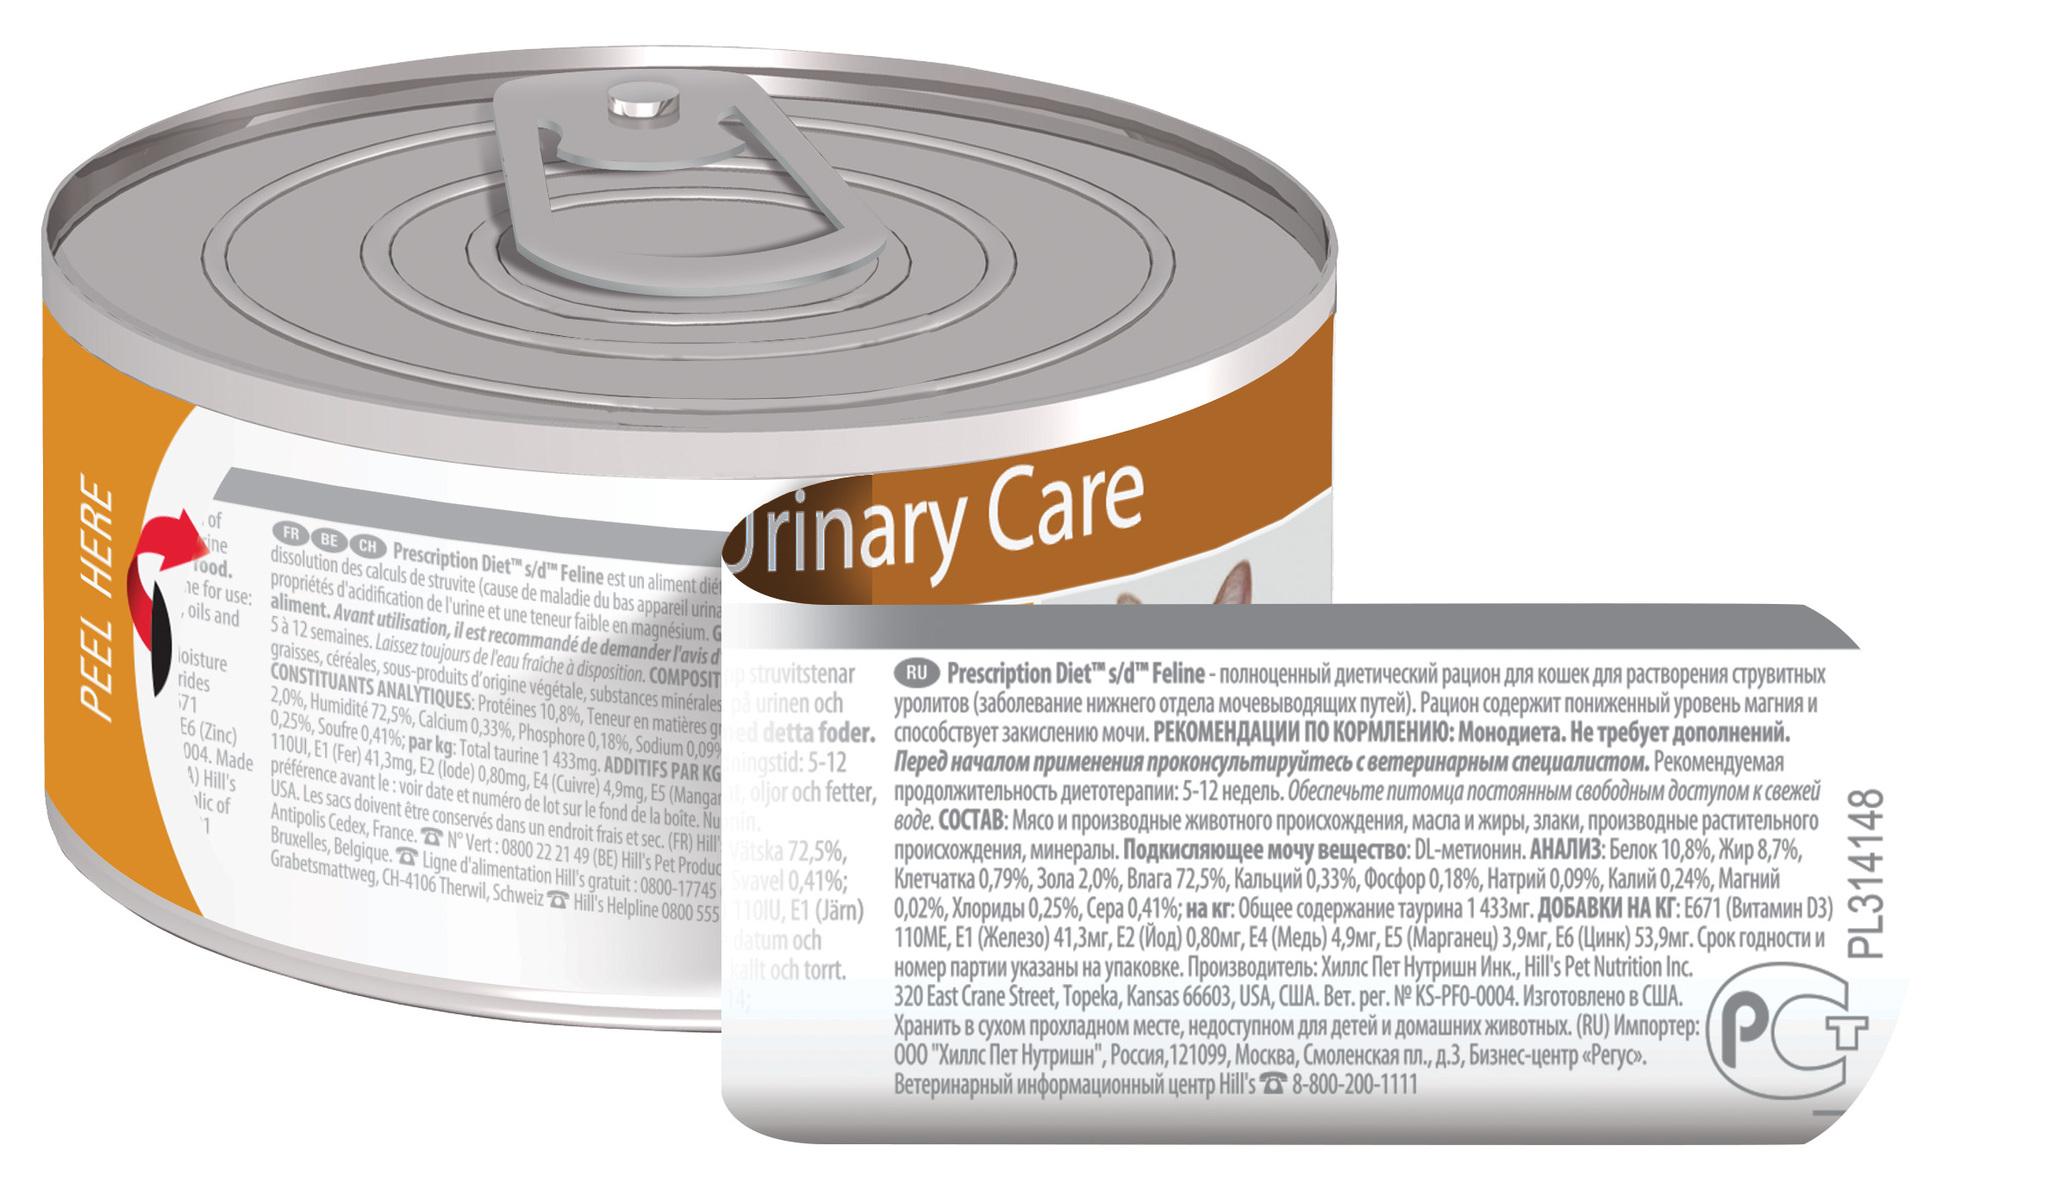 купить хиллс Hill's™ Prescription Diet™ Feline s/d™ Urinary Care with Chicken консервы (влажный корм) для взрослых кошек, диетический рацион при МКБ (струвиты)